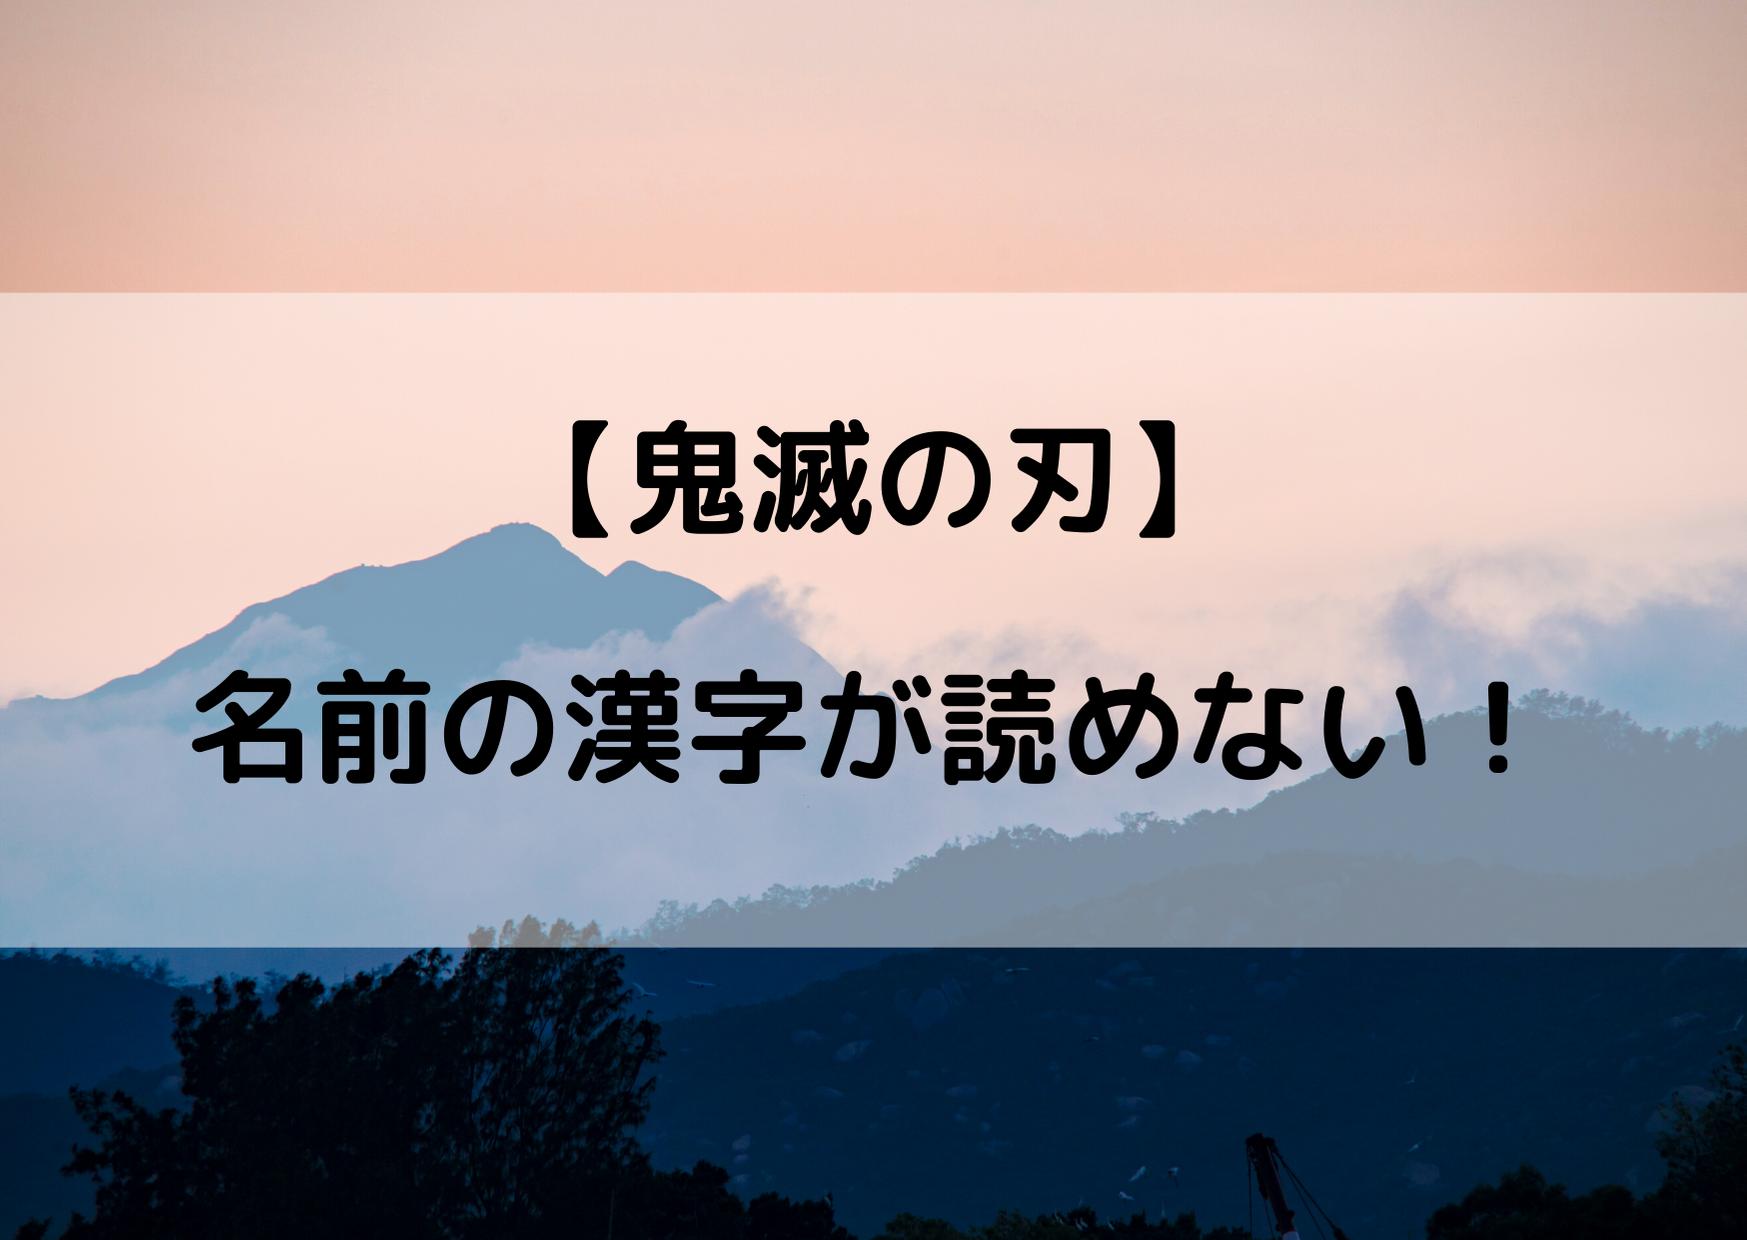 じ ま ぎょ 漢字 ひめ 変換 うめい